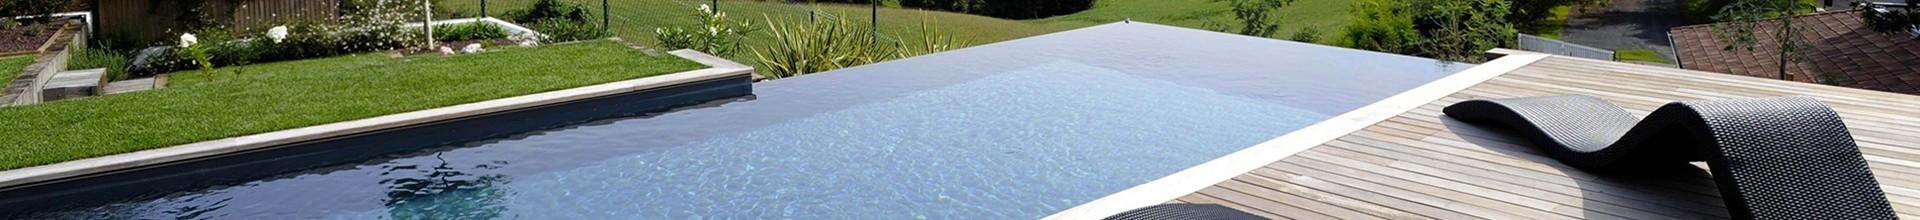 Direct usine, piscine coque prix Indre-et-Loire